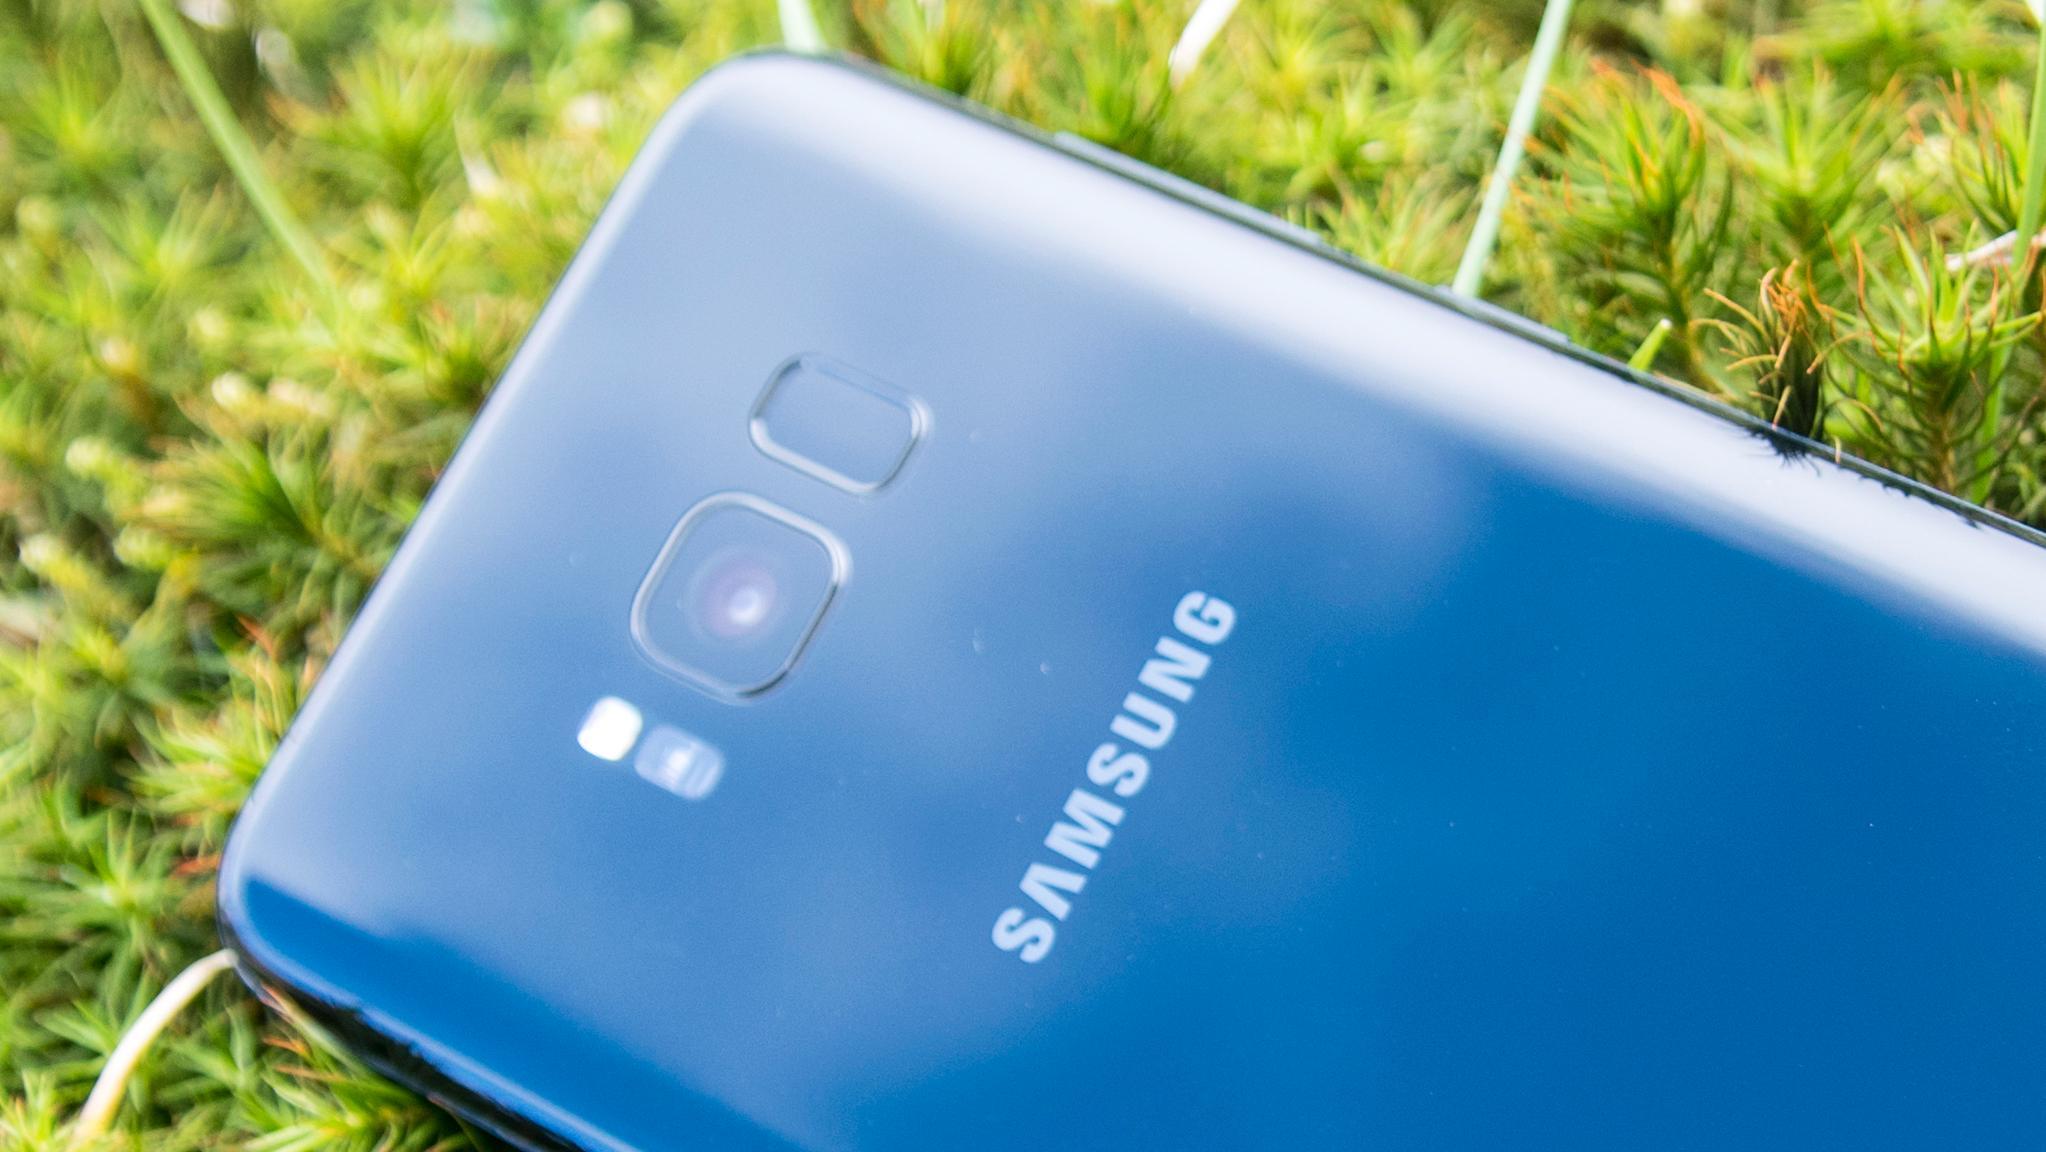 Plasseringen av fingeravtrykksleseren ved siden av kameraet var en av de få tingene vi ikke likte med Samsung Galaxy S8.